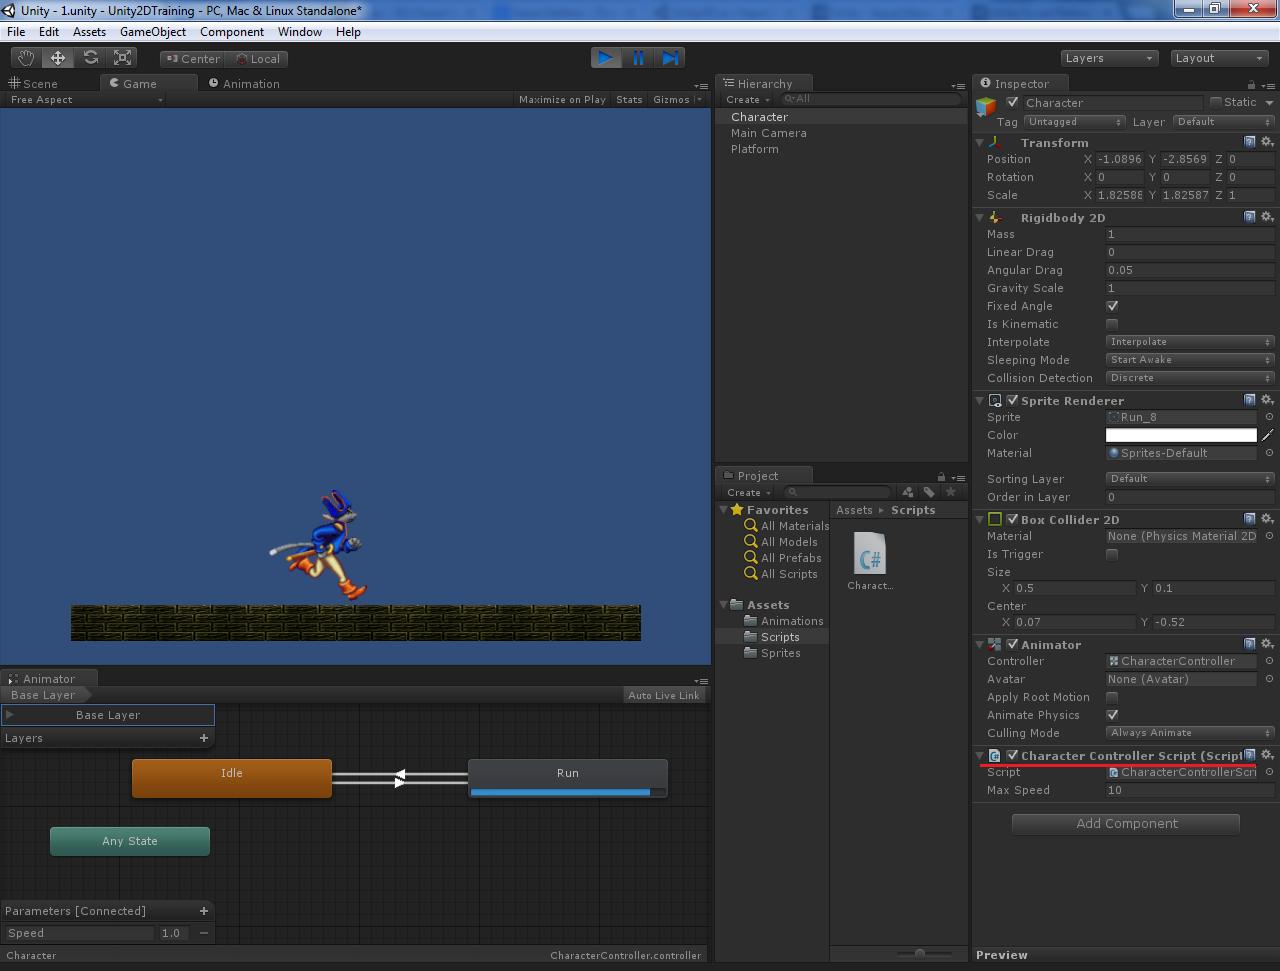 Основы создания 2D персонажа в Unity 3D 4.3. Часть 2: бегущий персонаж